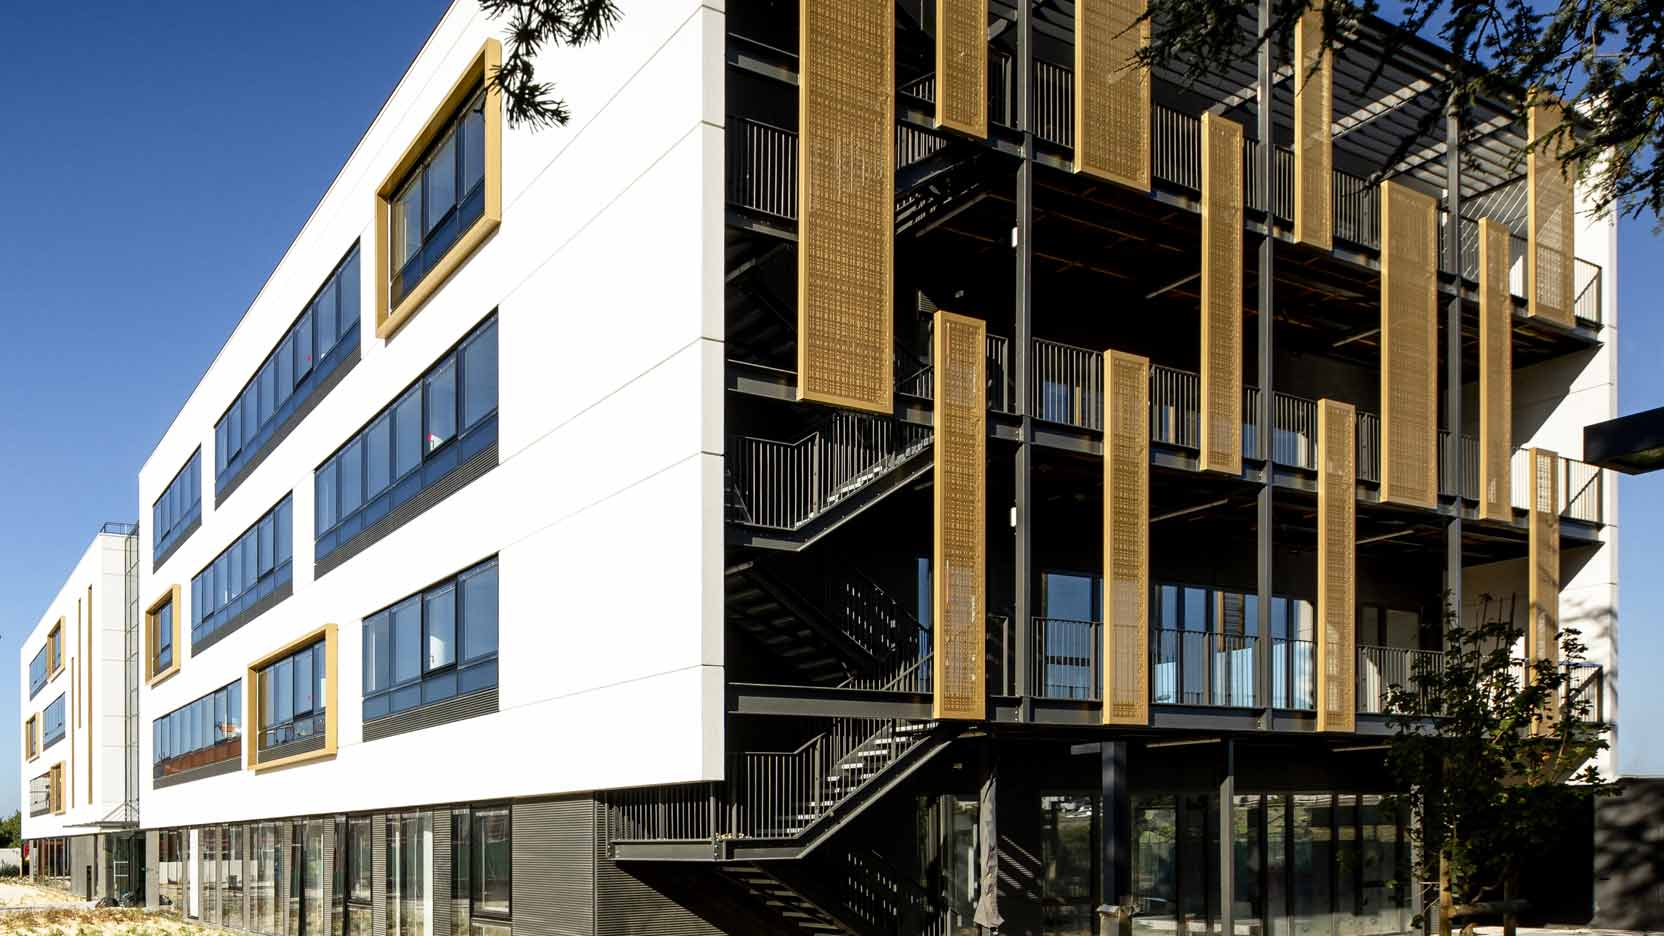 GA Smart Building livre au Groupe Unofi (Unofimmo) le 1er bâtiment du Campus « Now Living Spaces » à Toulouse